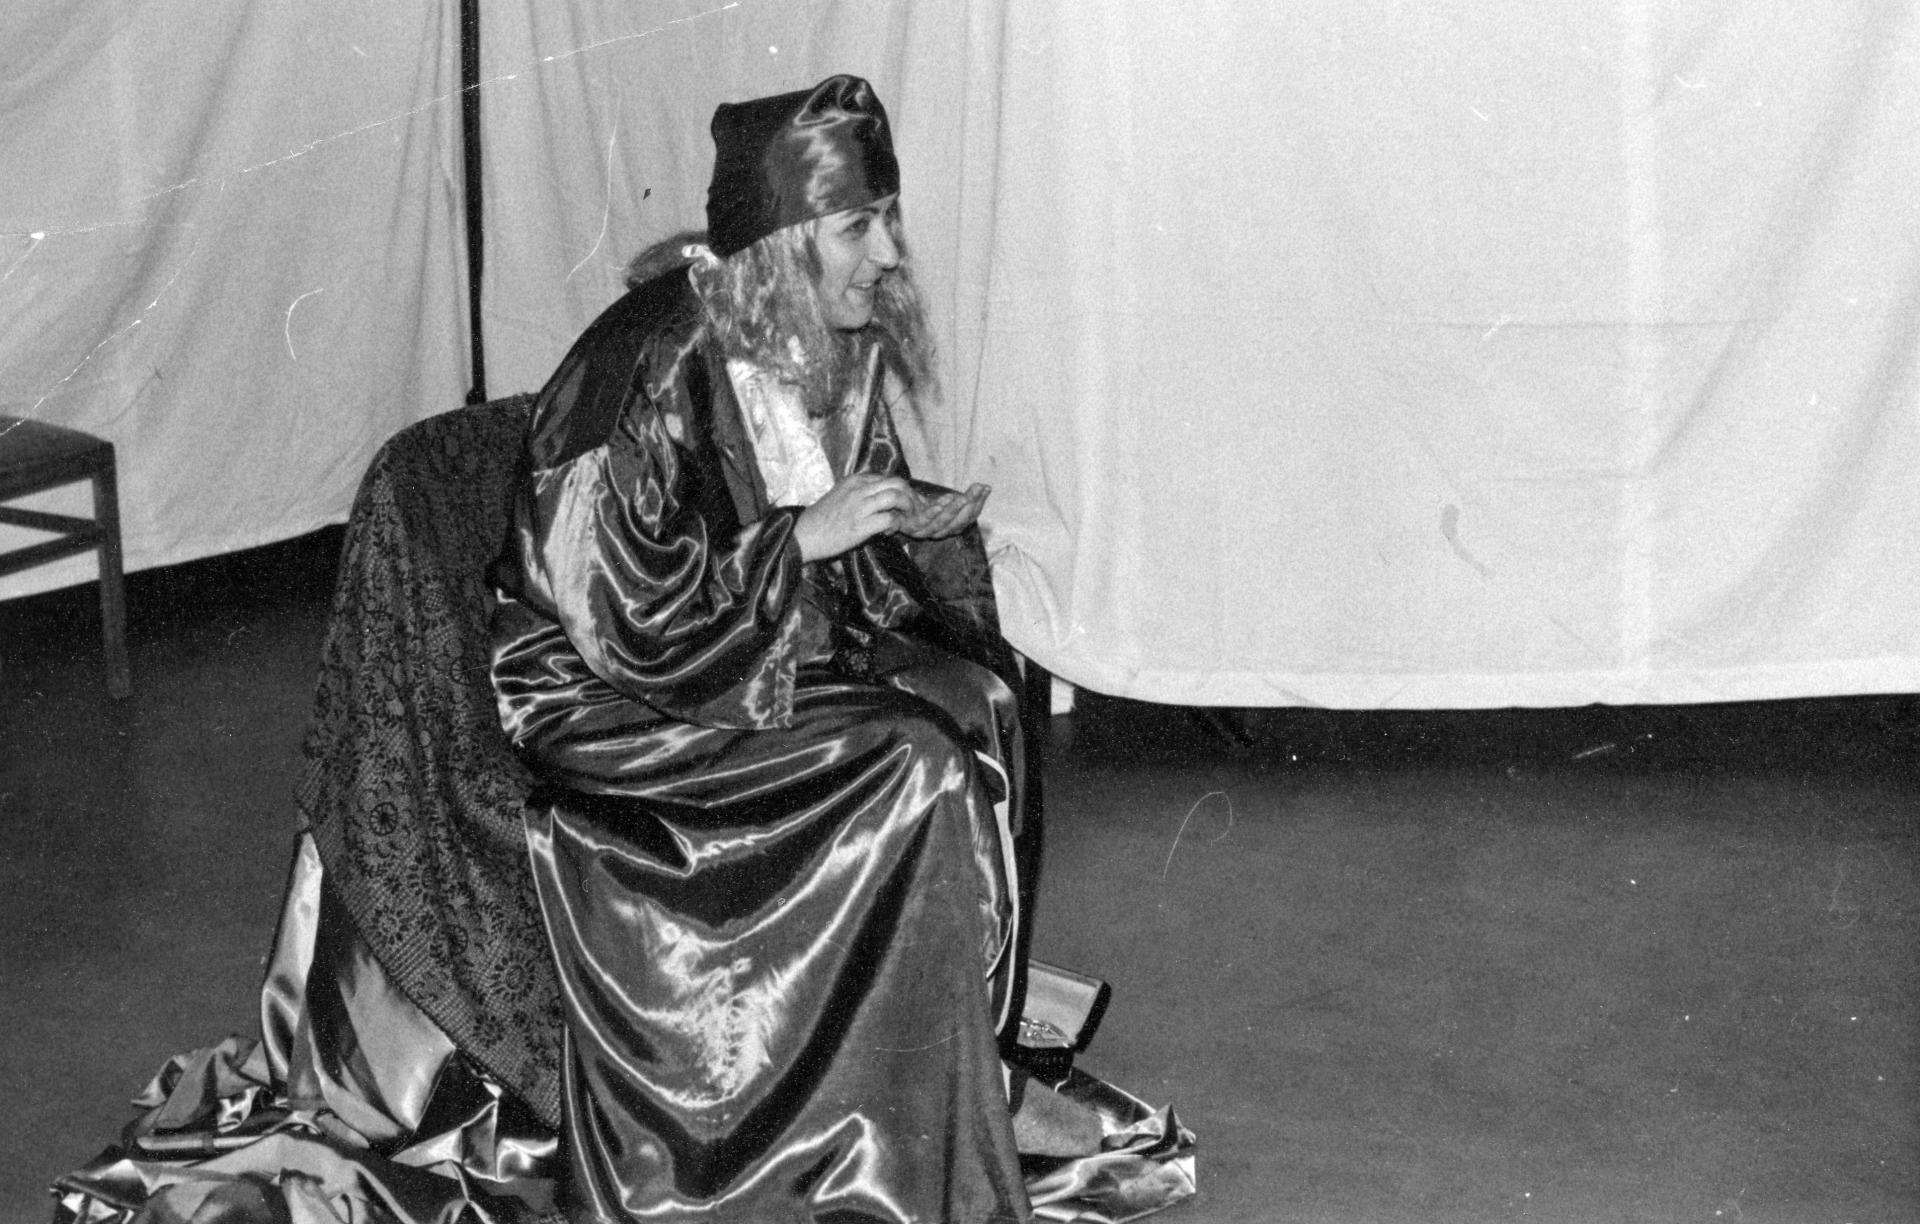 """Michaela Kretschmer, die langjährige Leiterin des Ensembles, in der rolle der bösen Königin im Stück """"Die 7 Zwerge"""". Foto: Archiv Amateurtheater"""